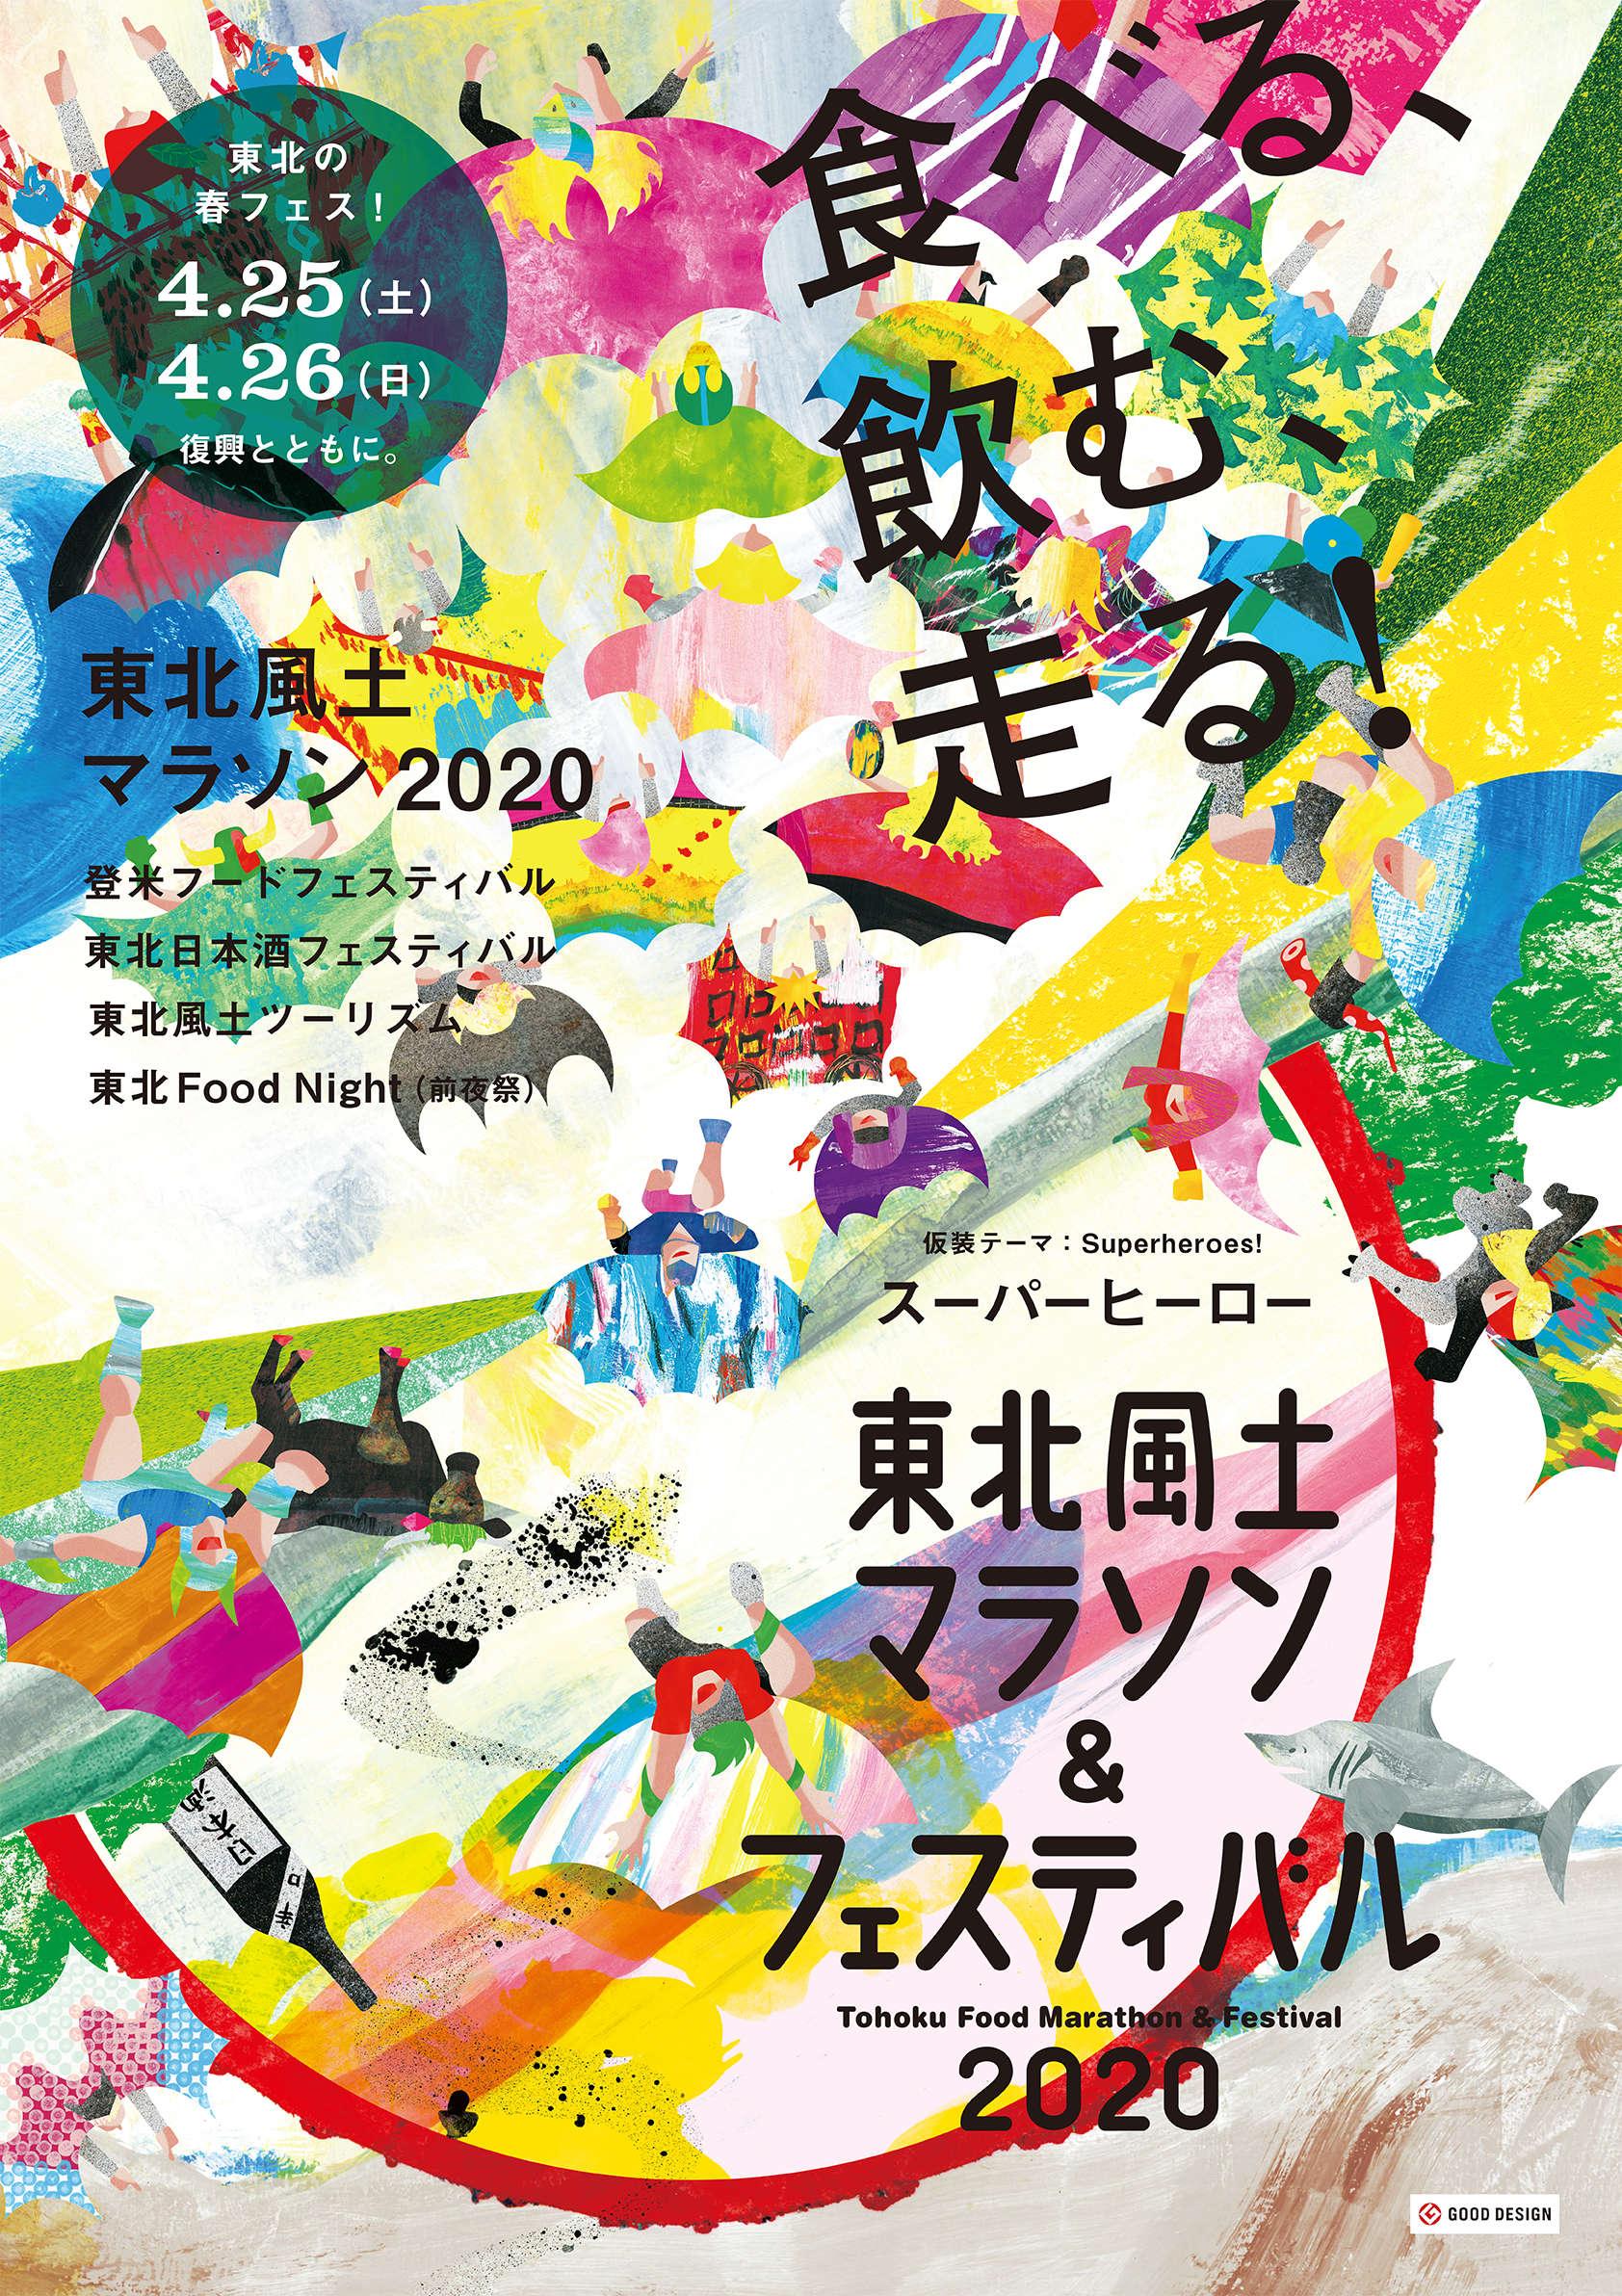 東北風土マラソン&フェスティバル